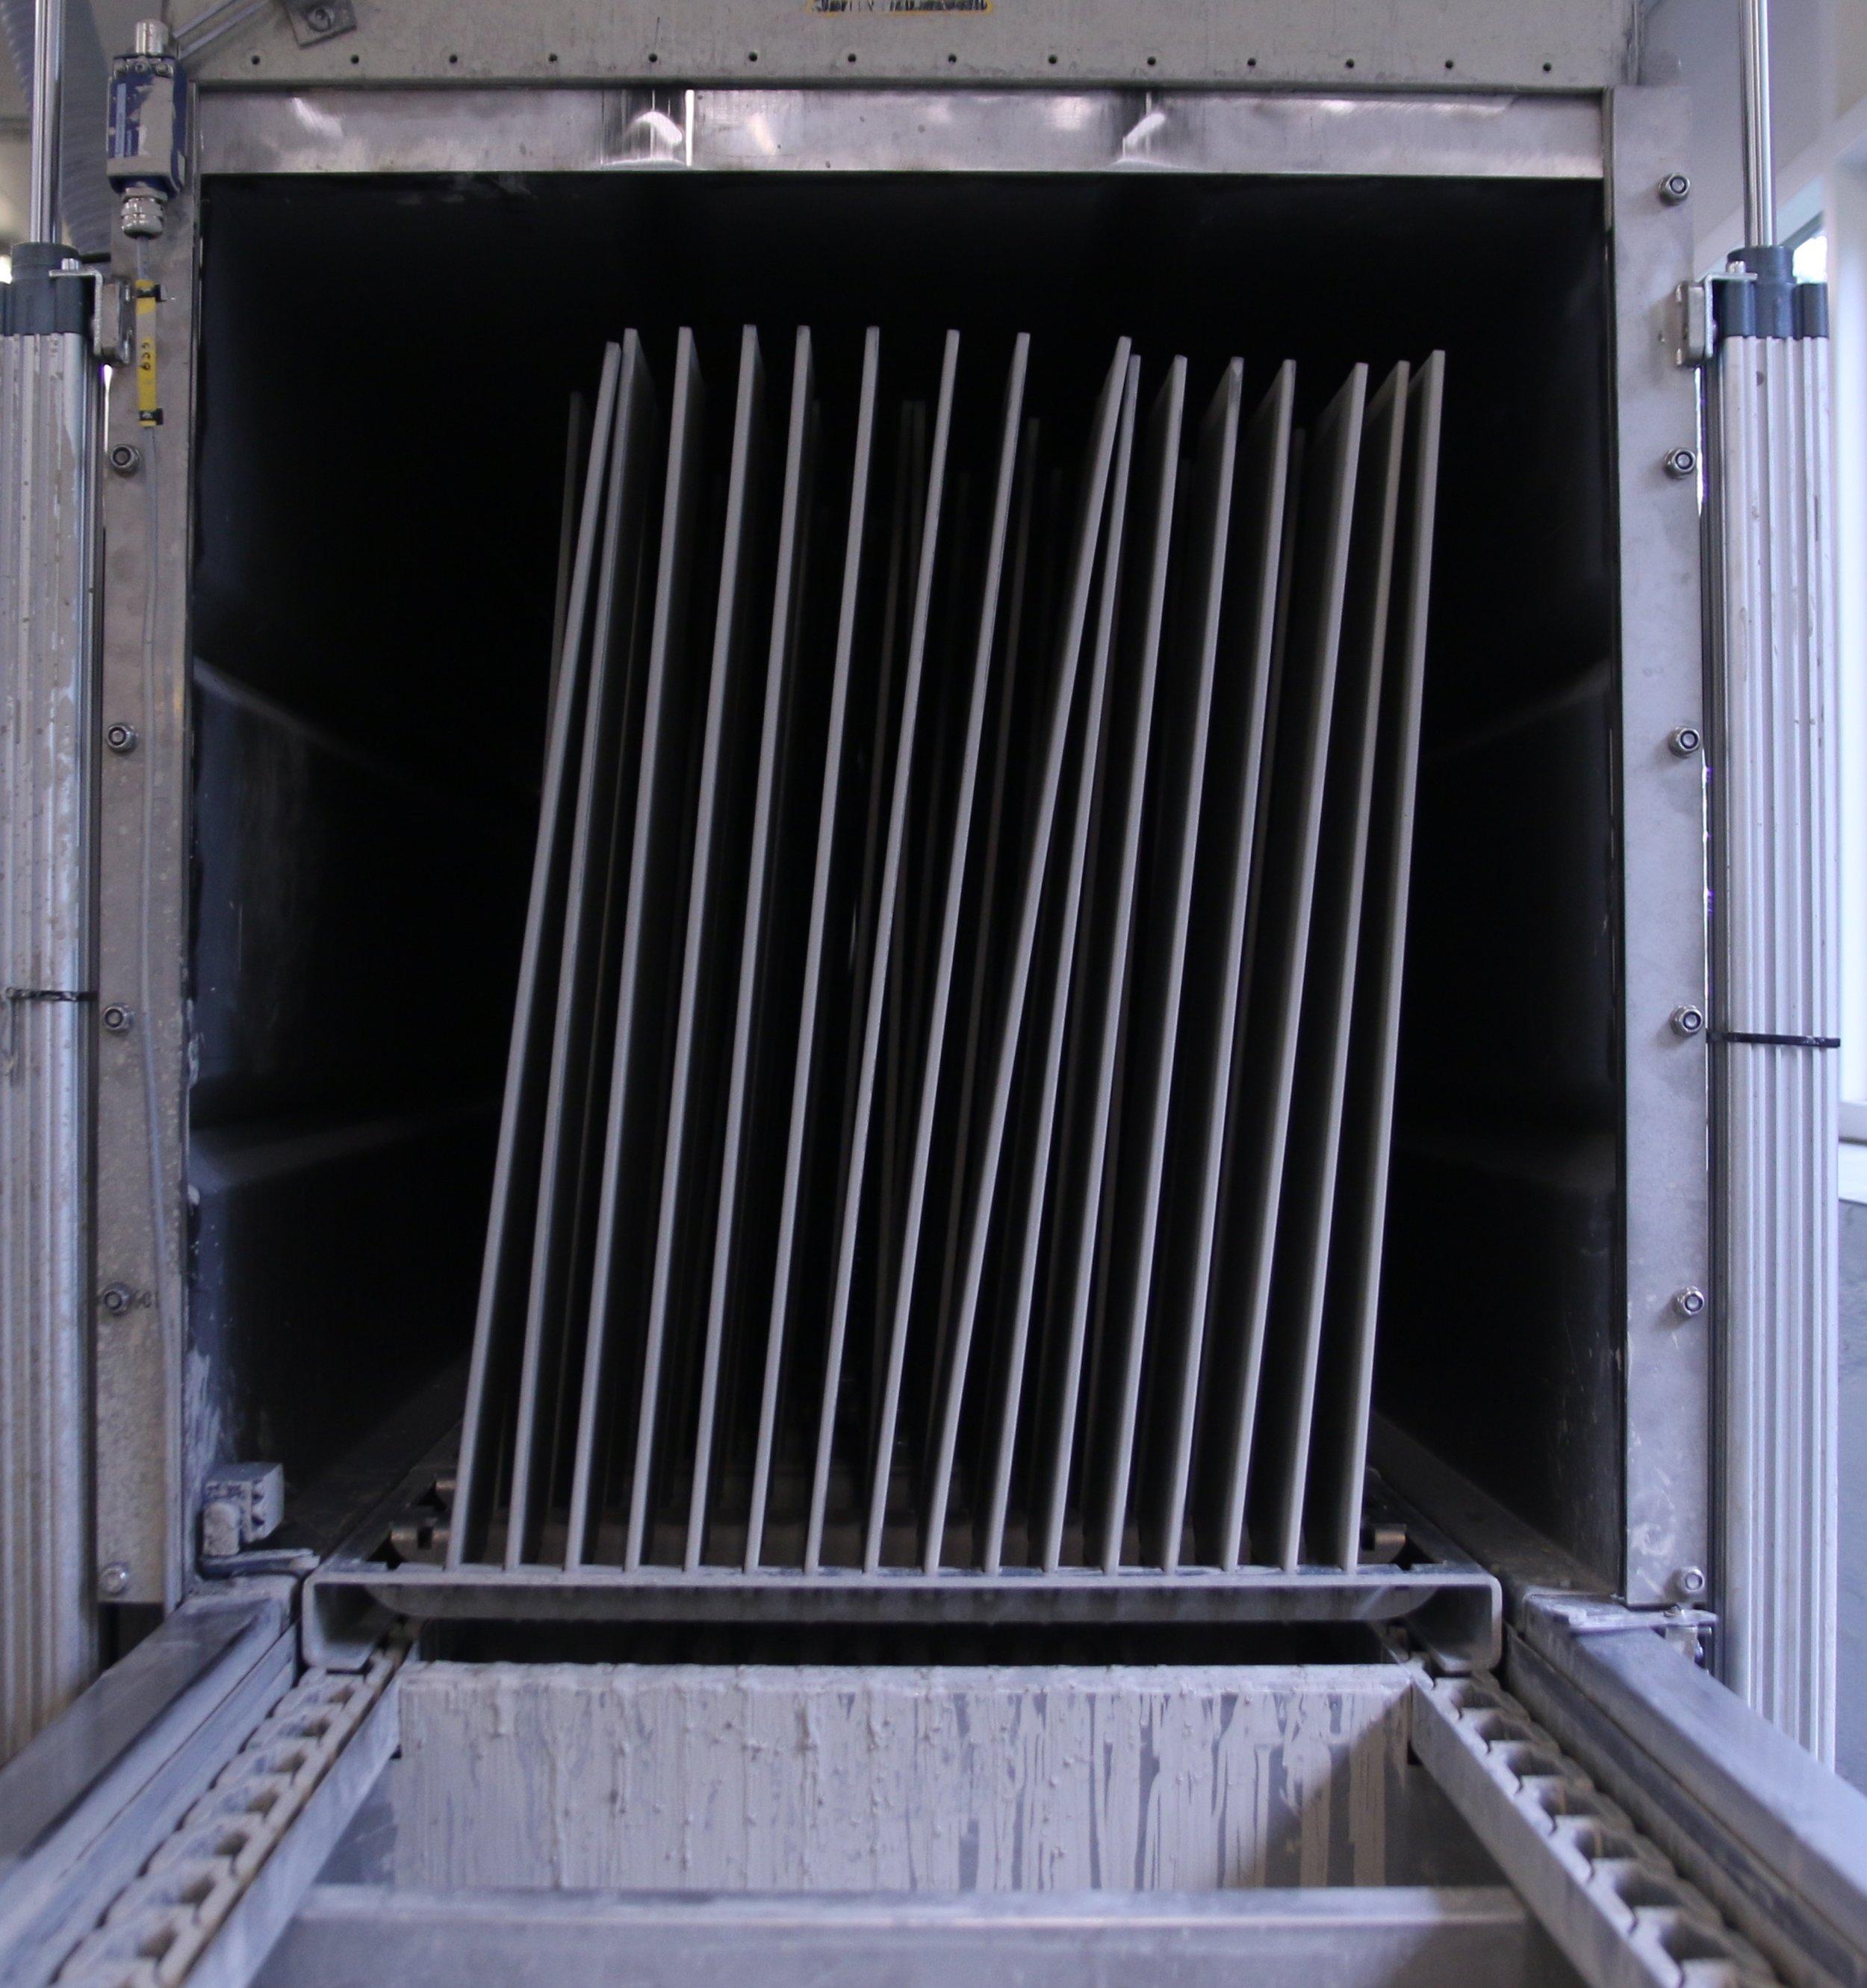 Membrane coating